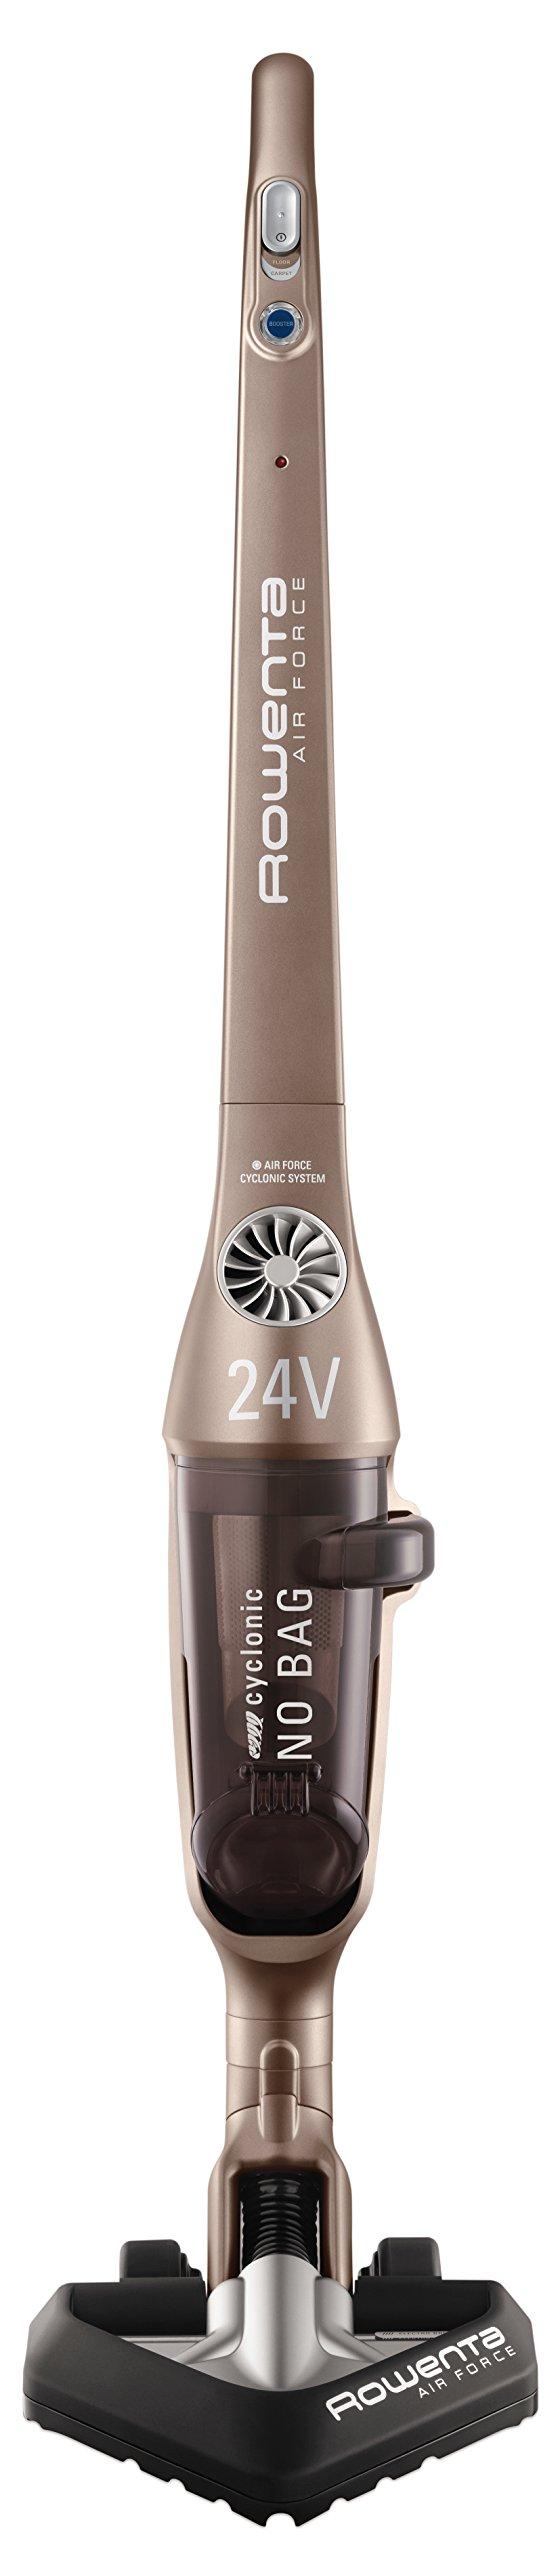 Rowenta Air Force - Aspiradora escoba, 24V., depósito 0.9 litros ...